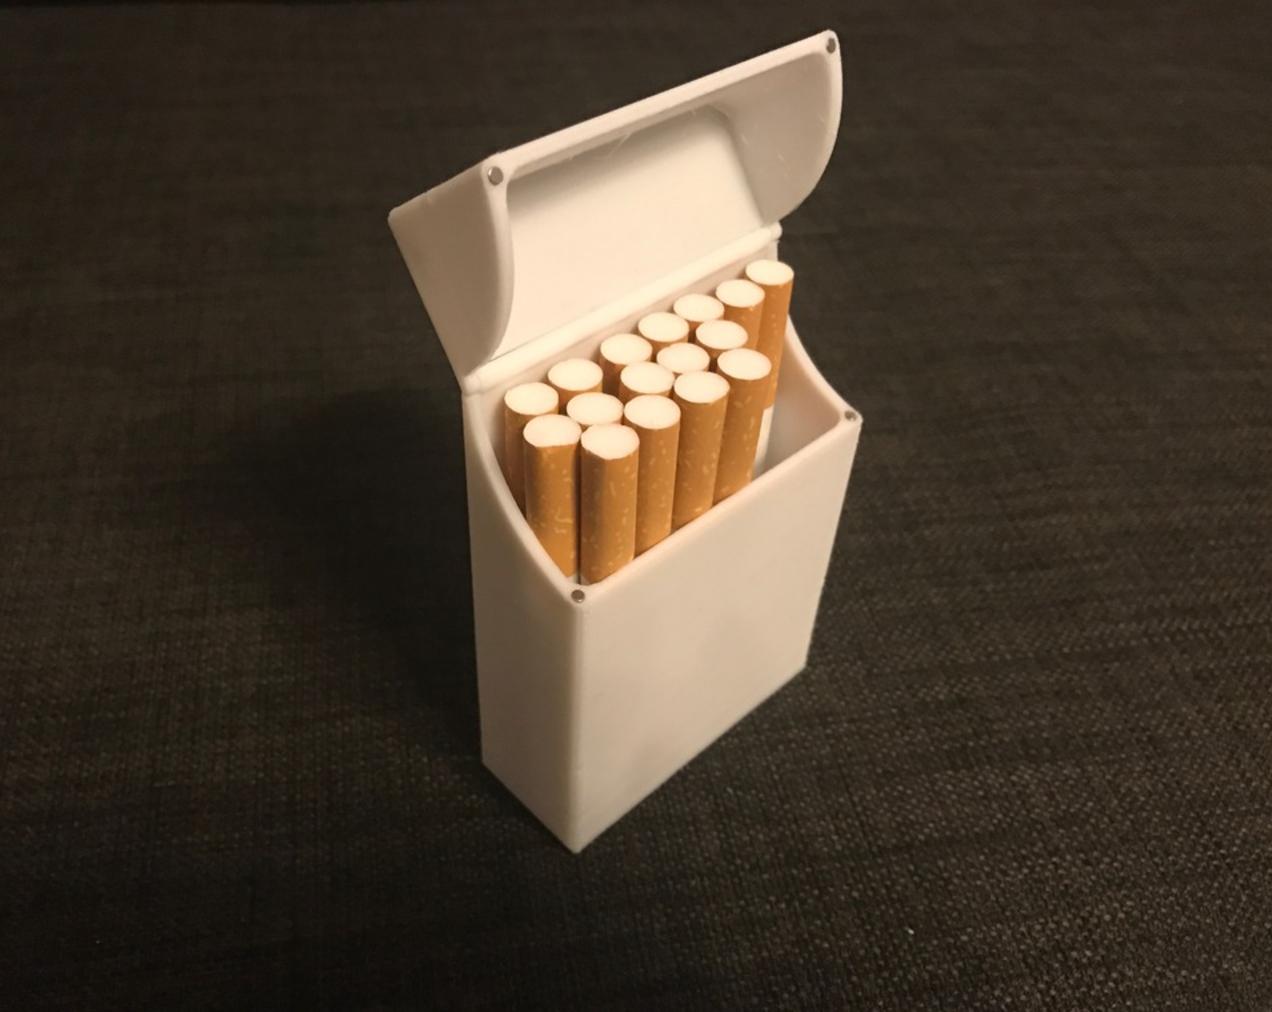 Capture d'écran 2017-01-10 à 09.58.13.png Download free STL file Magnetic Cigarette Box • Design to 3D print, senns